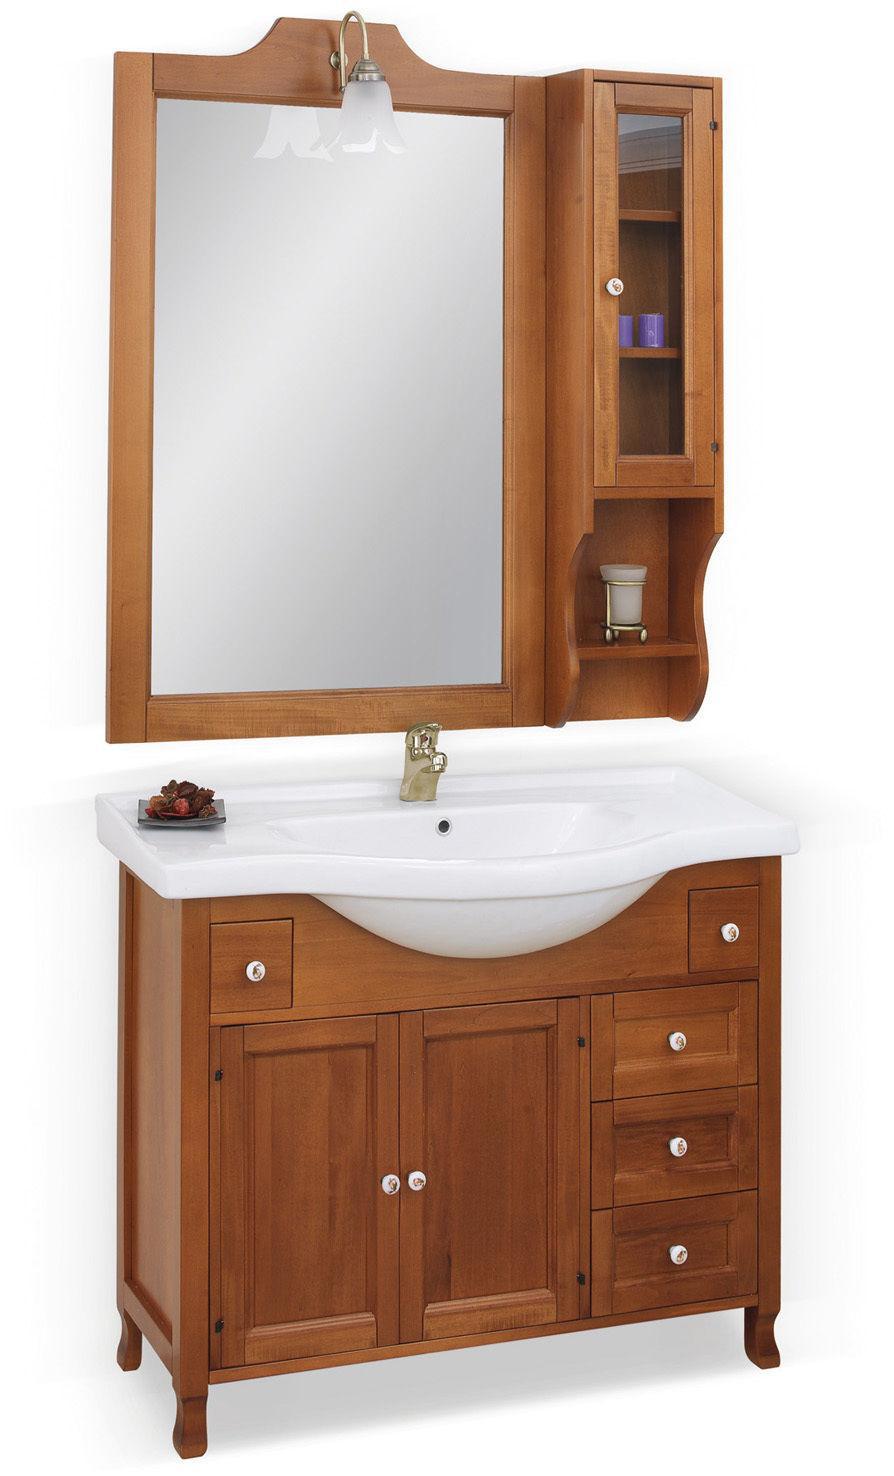 Arredo bagno firenze 105 frontale in massello legno finitura noce o ciliegio - Arredo bagno in legno ...